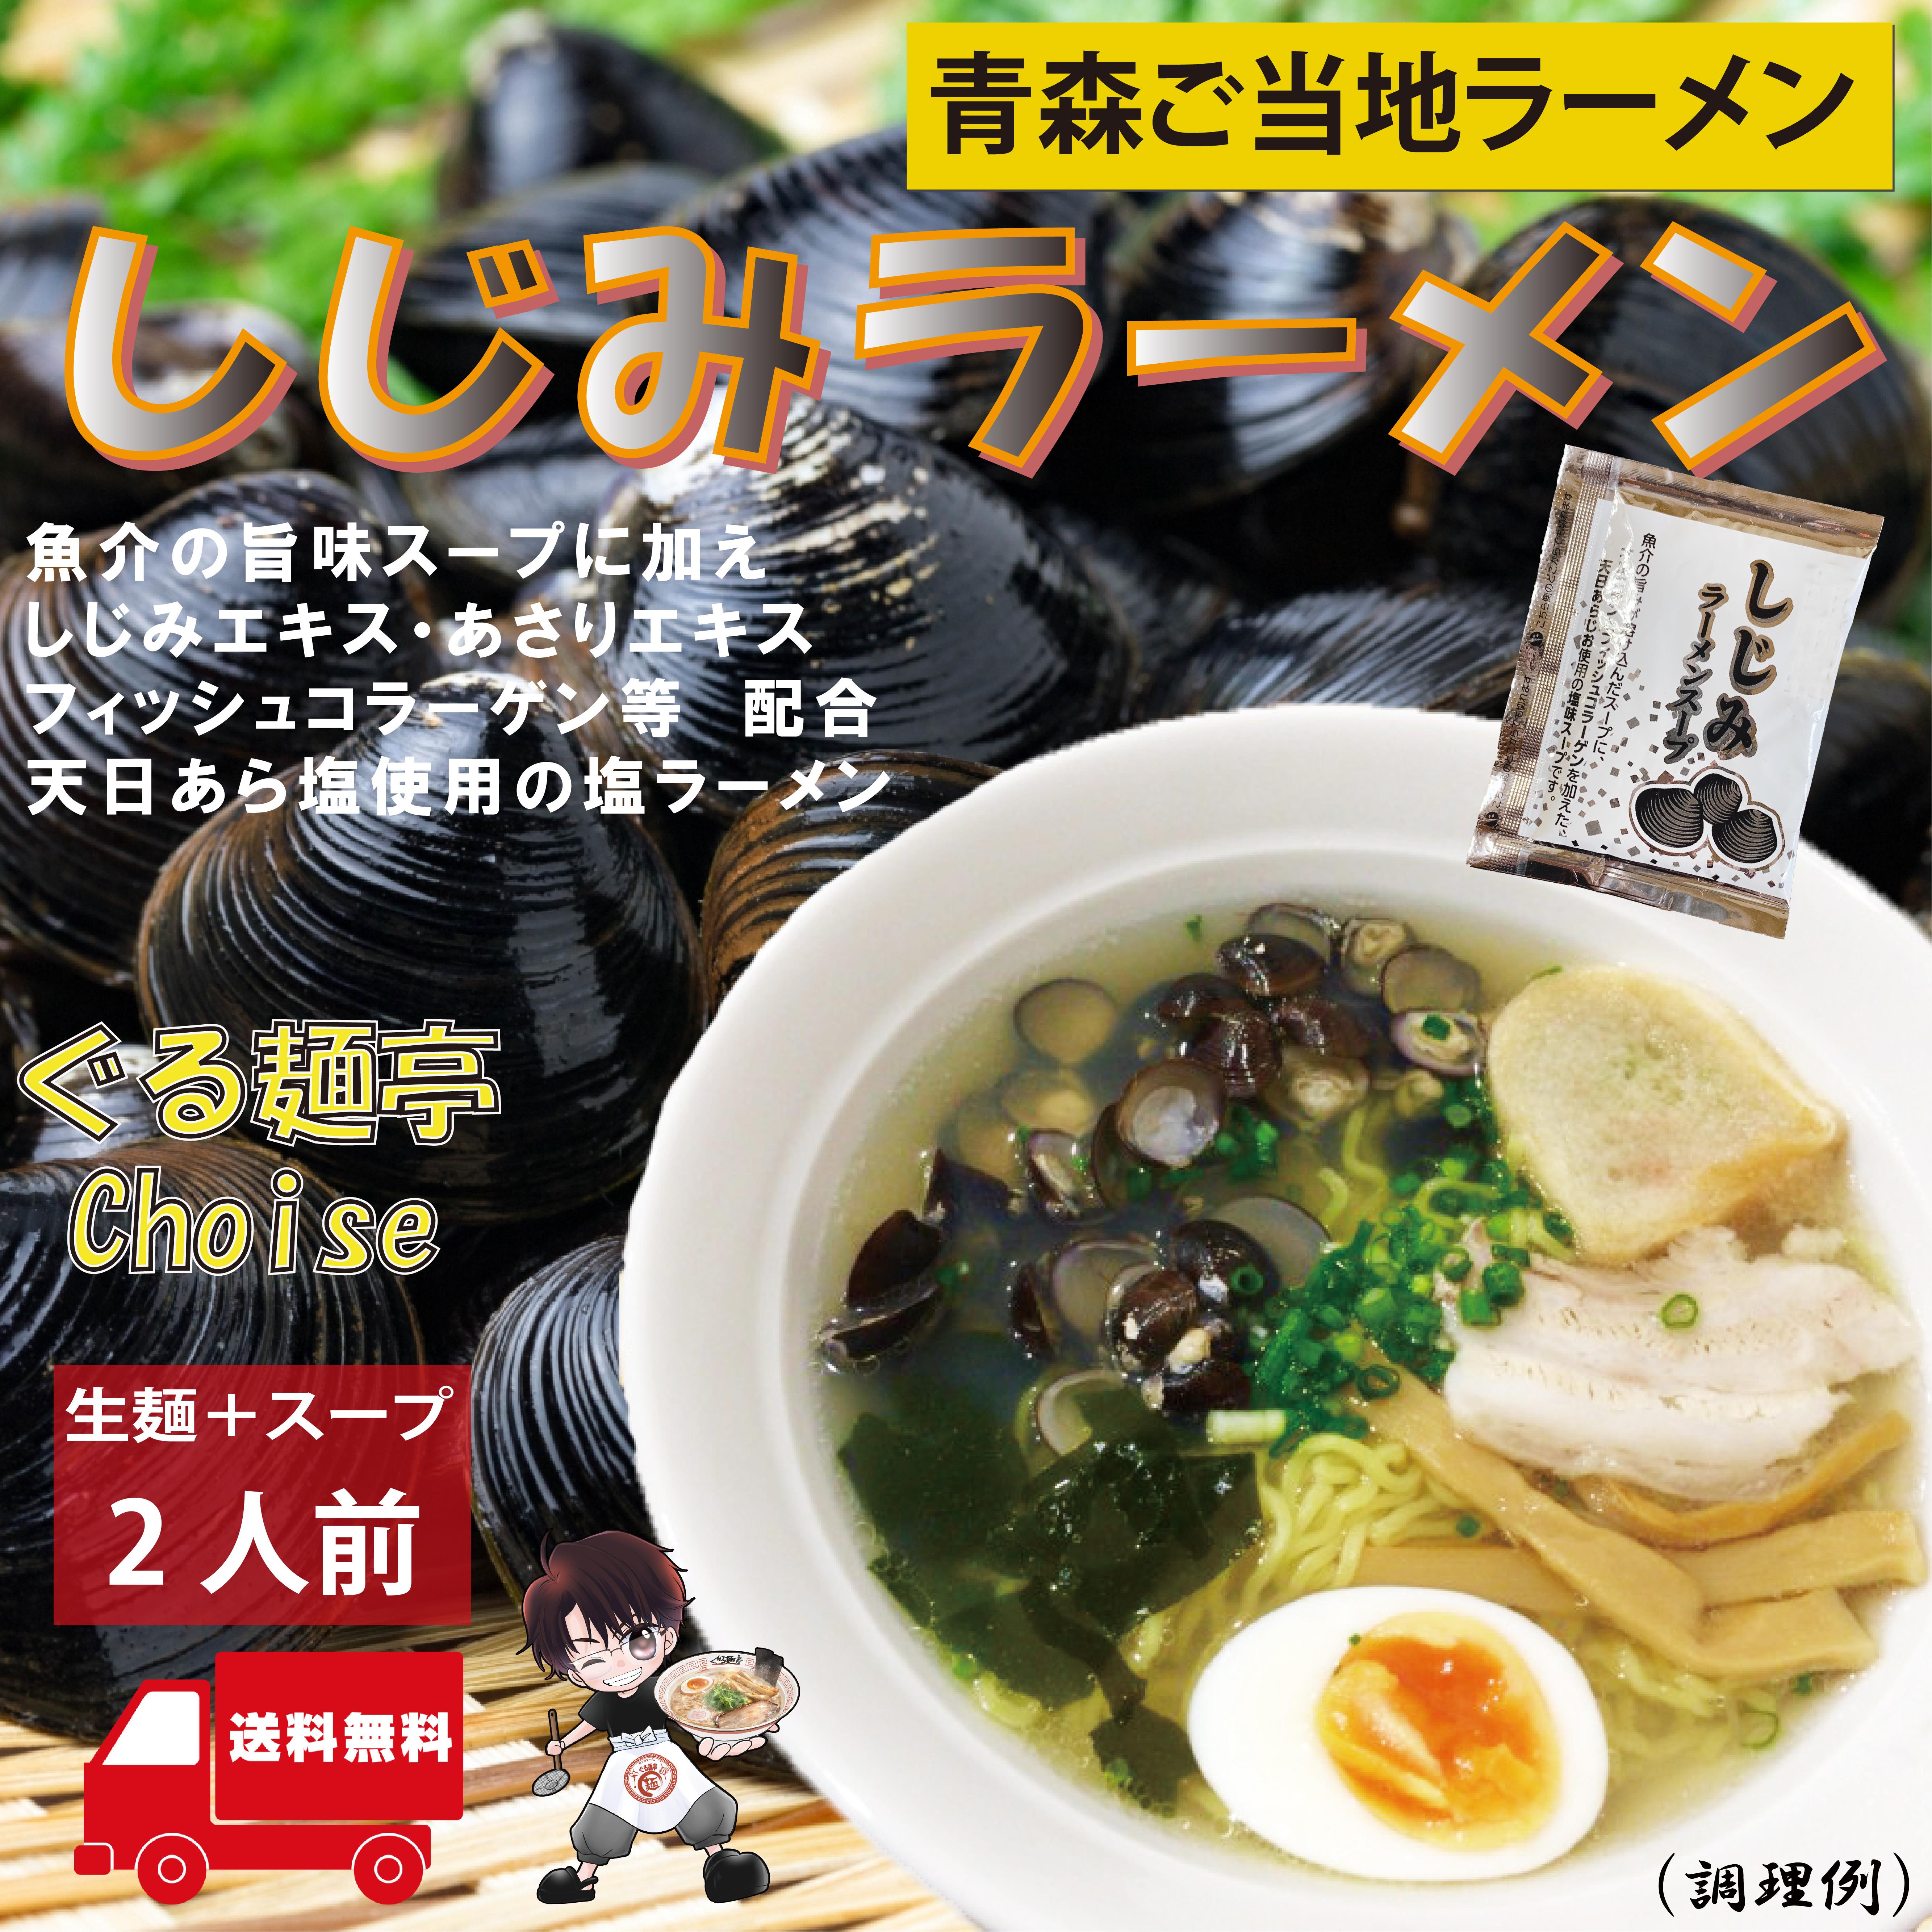 しじみラーメン 青森ご当地ラーメン 【送料無料】 常温保存 生麺 2食(スープ付き)  ぐる麺亭choice